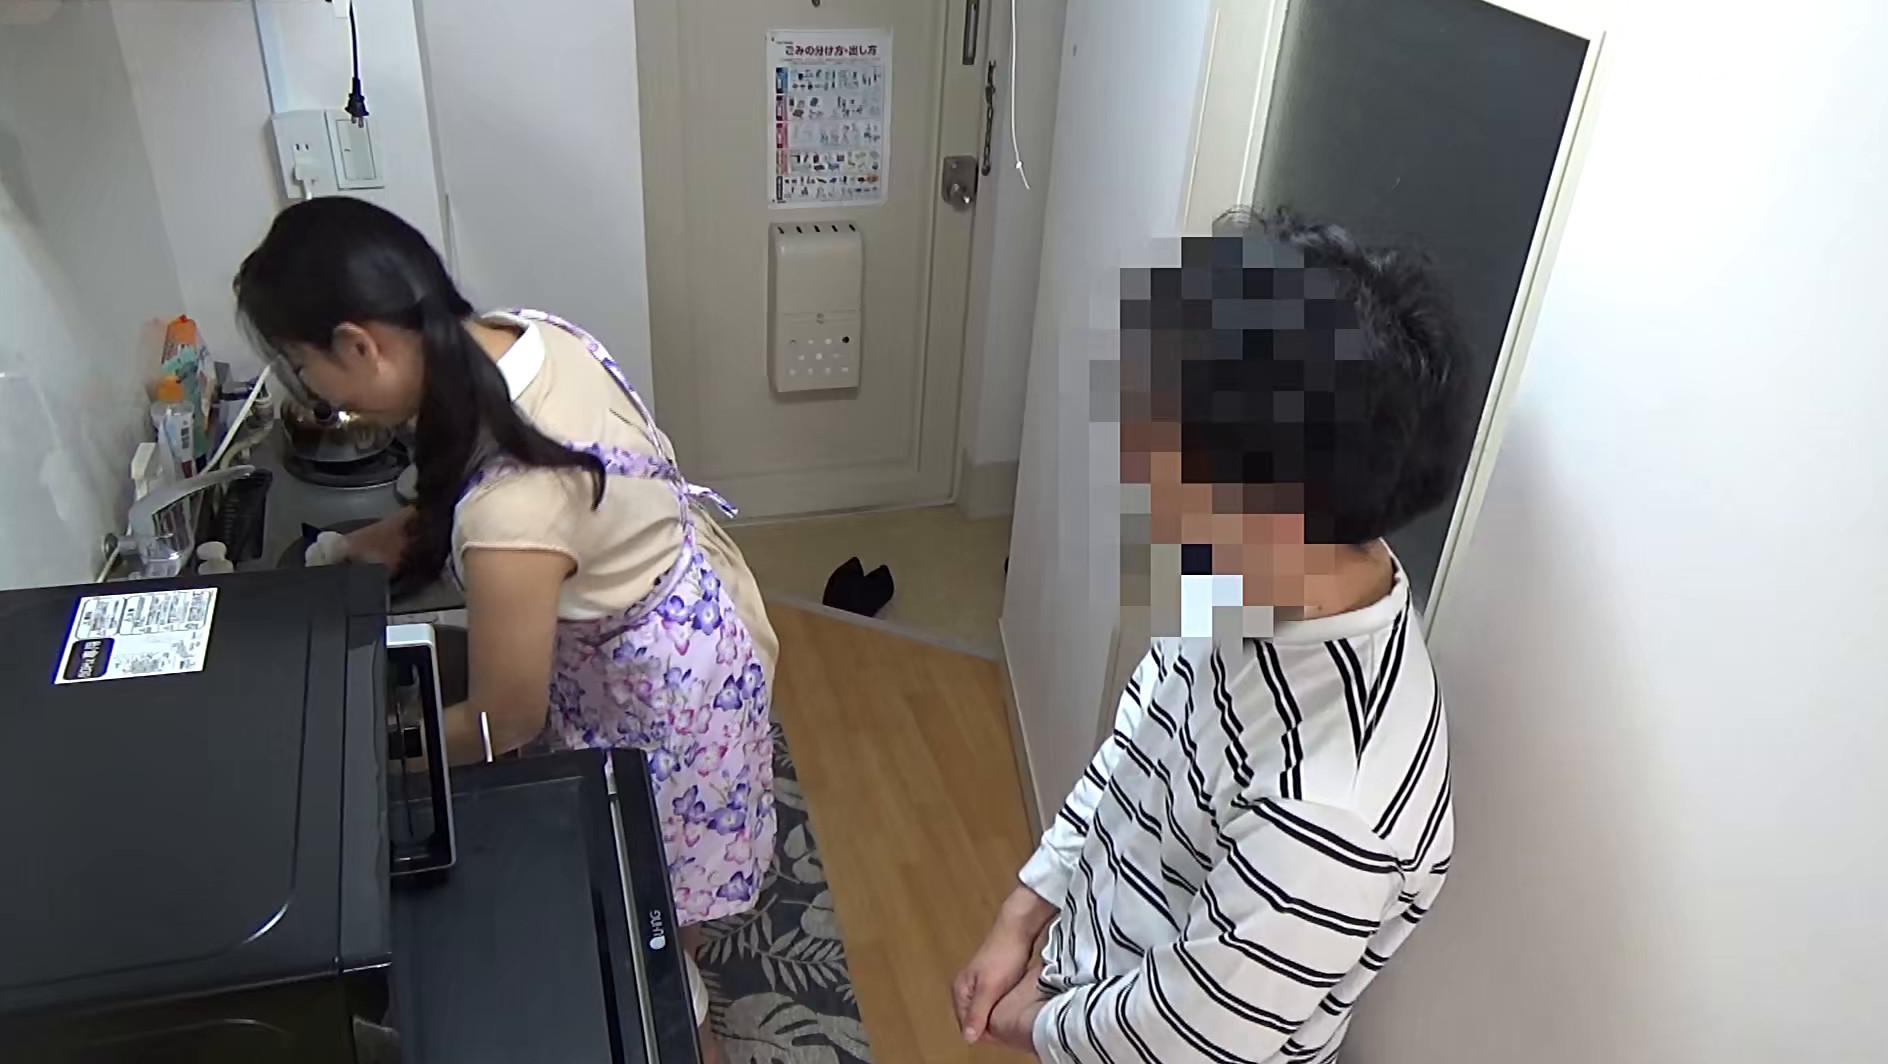 「おばさんレンタル」サービスリターンズ 04 お願いすればこっそり中出しセックスまでさせてくれるエロくて優しいおばさんともっとすげーセックスがしたくなったのでおかわりしてみた 画像3